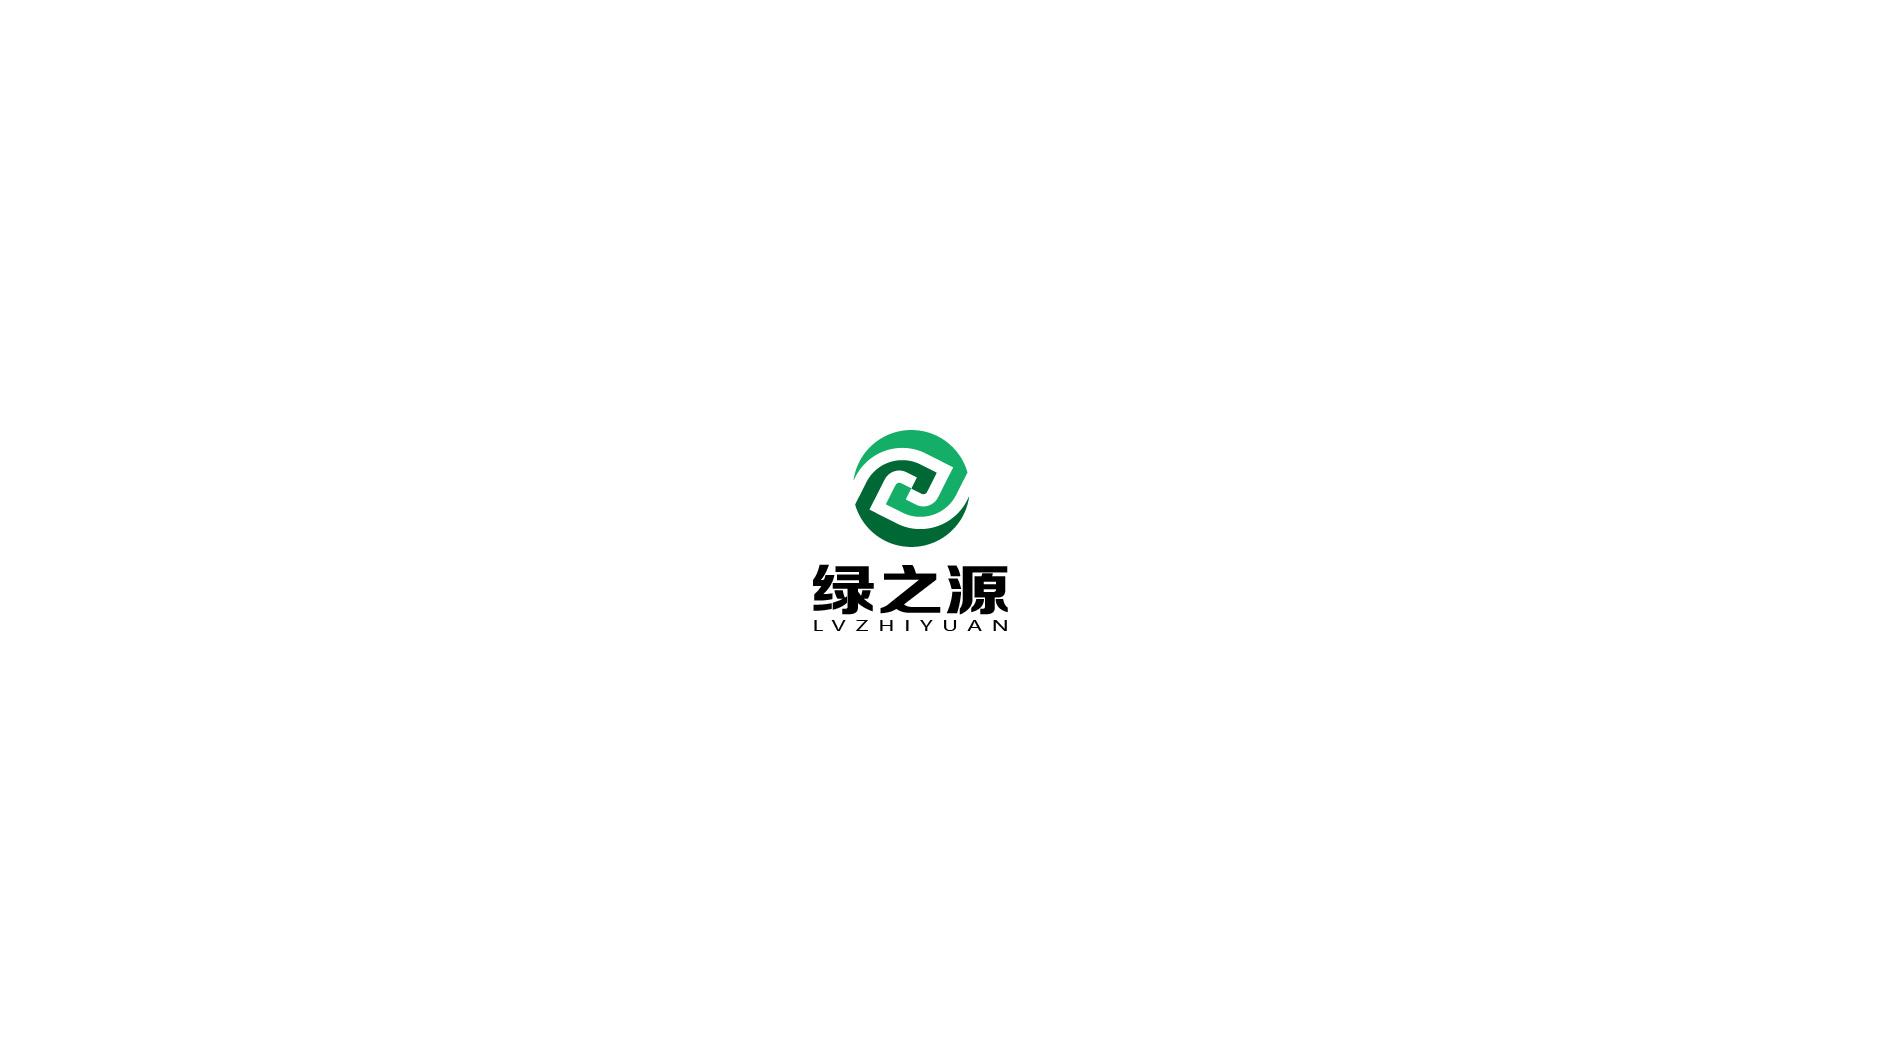 绿之源品牌LOGO万博手机官网